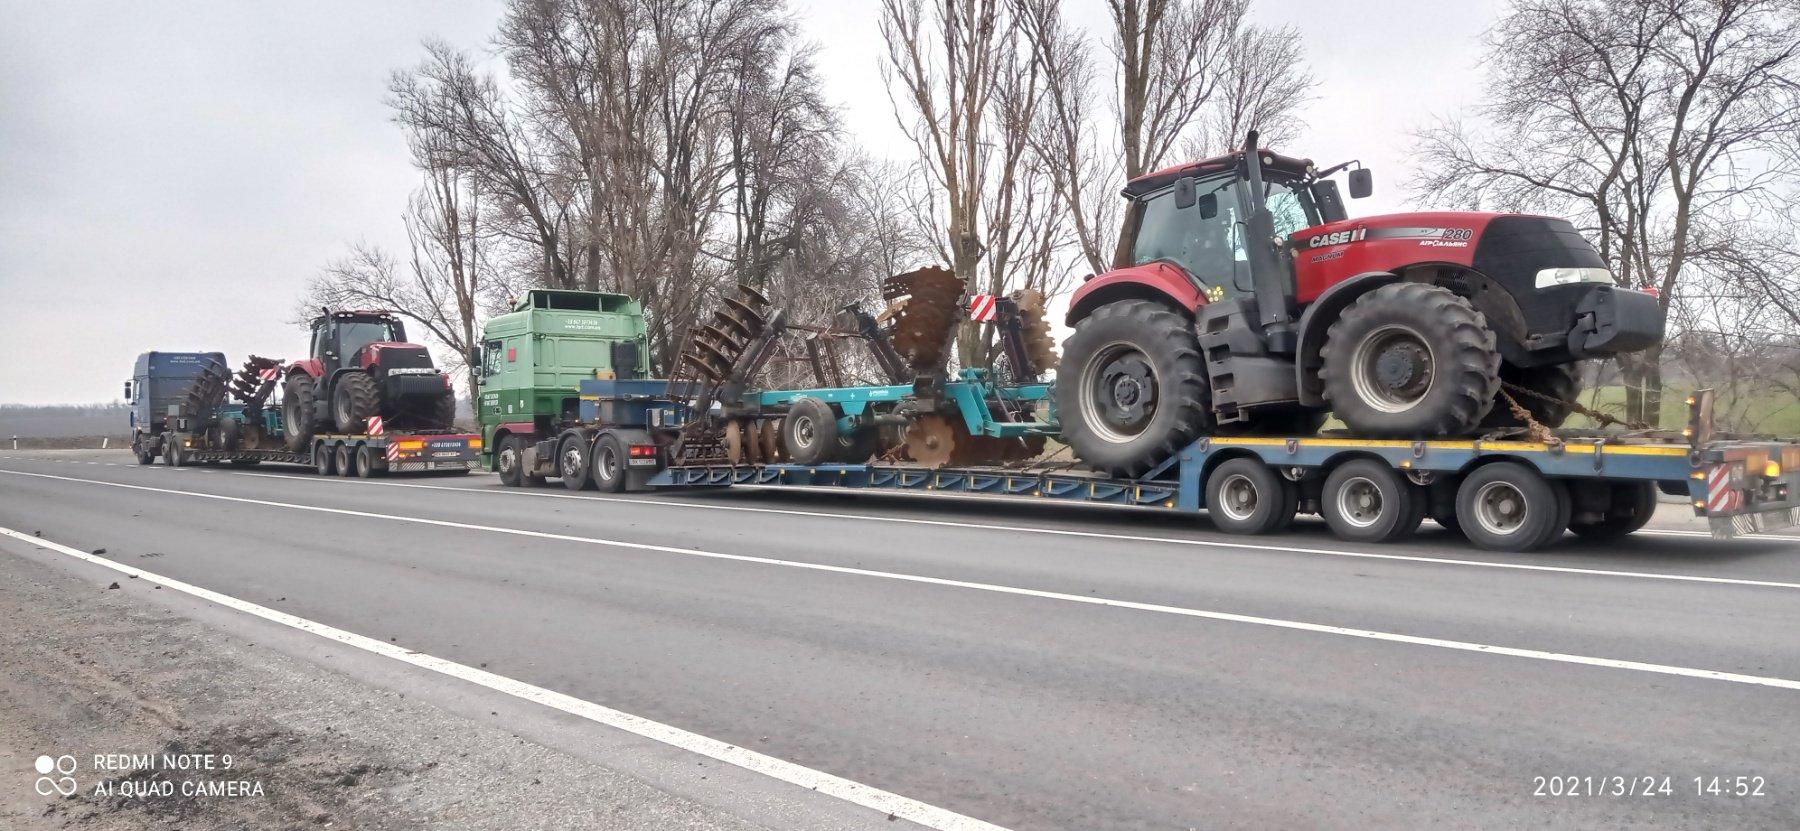 Перевозка тракторов CASE с боронами